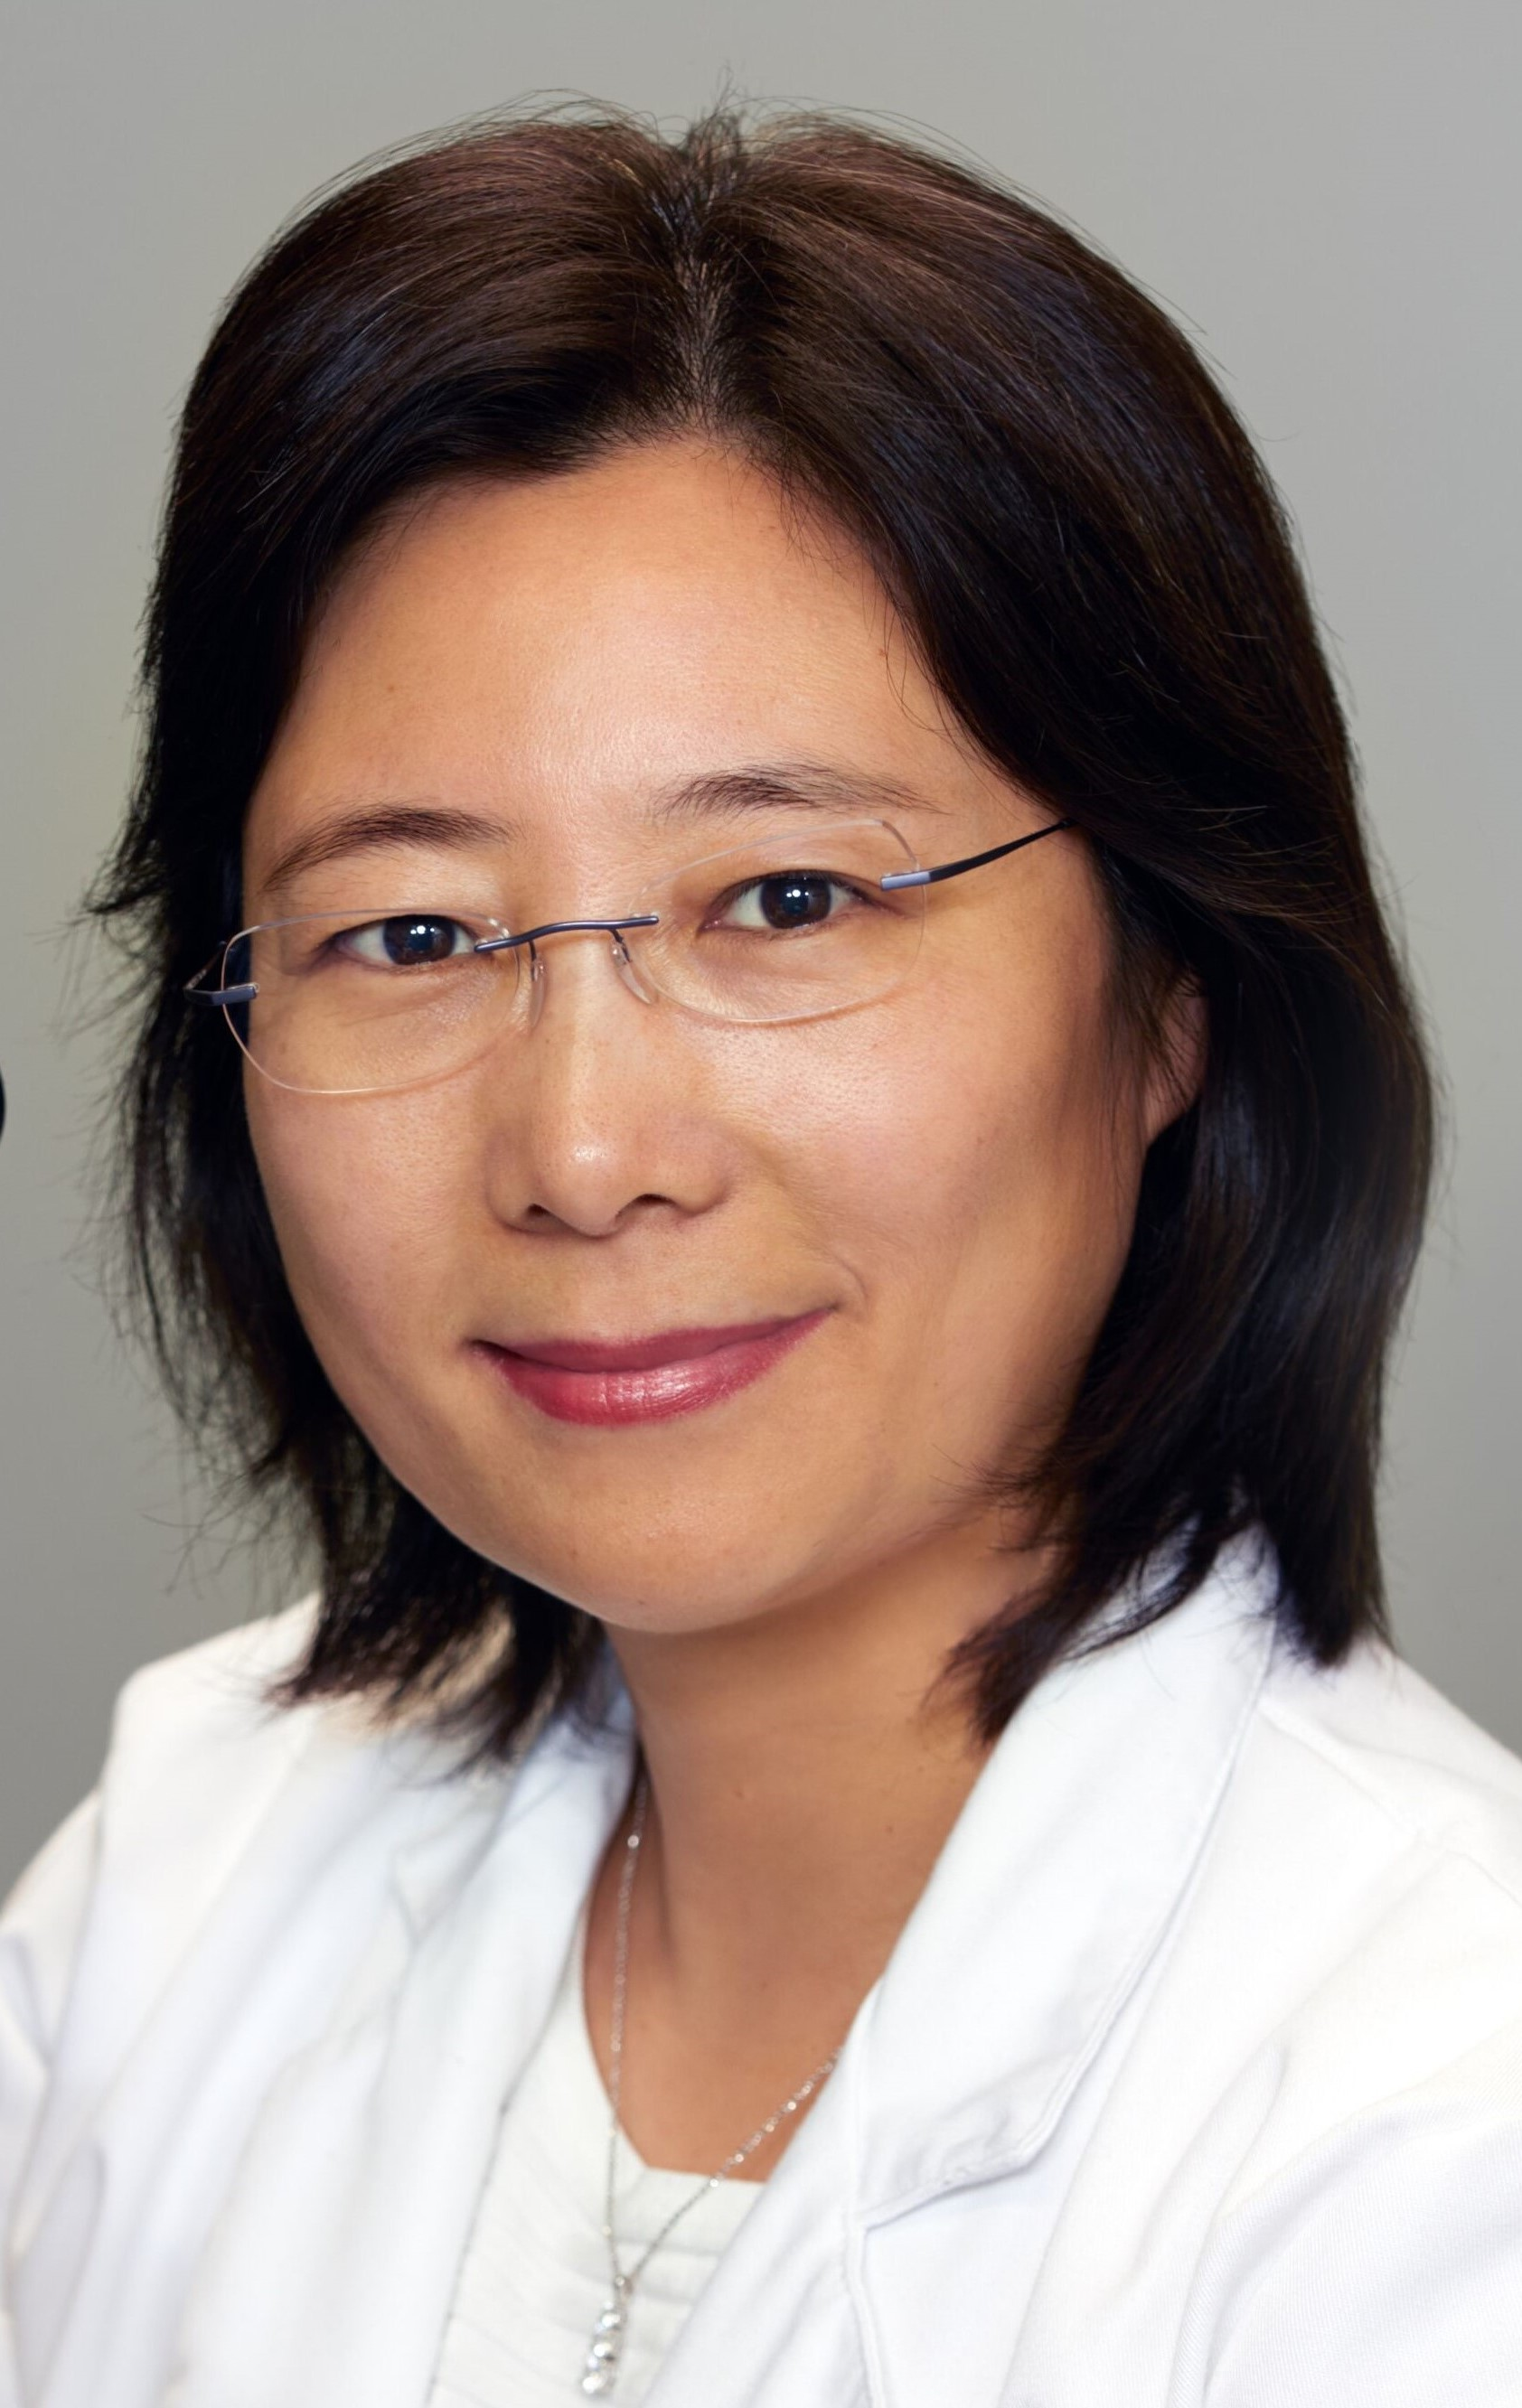 Jing He, M.D.